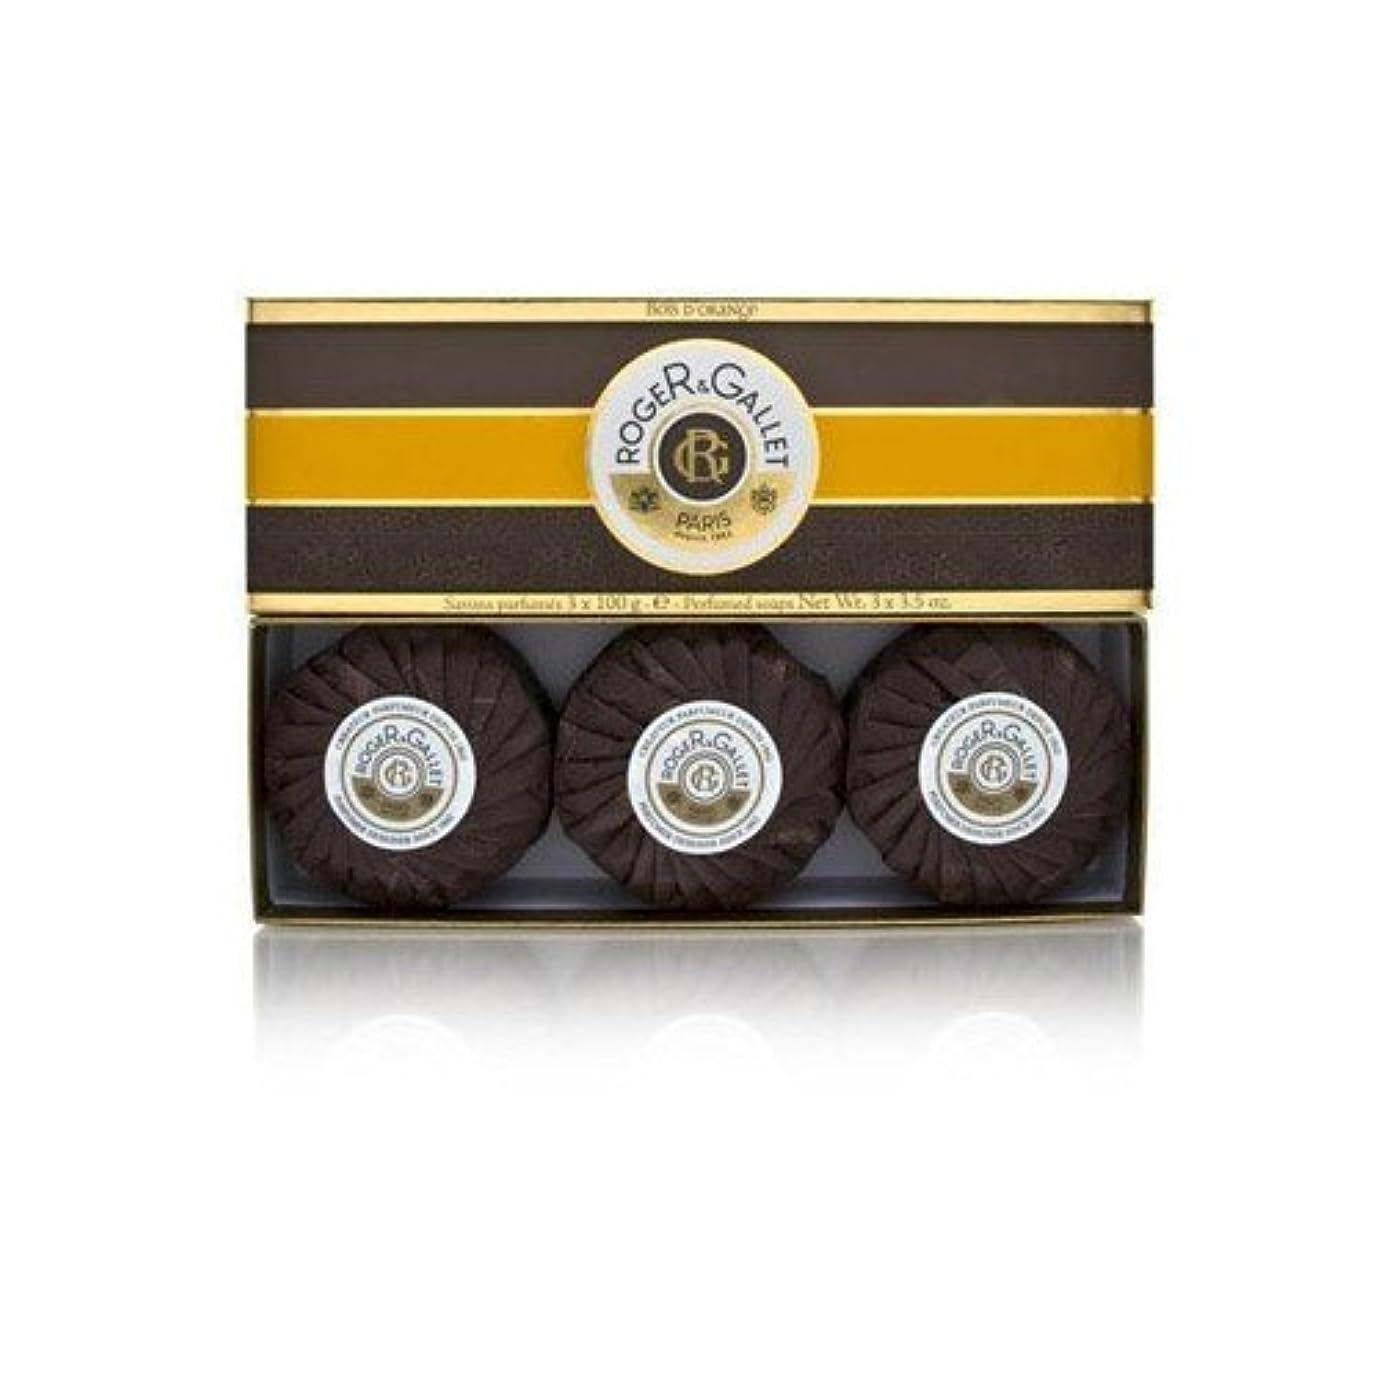 主観的忠誠チロロジェガレ ボワ ドランジュ (オレンジツリー) 香水石鹸3個セット ROGER&GALLET BOIS D'ORANGE PERFUMED SOAP [0161]